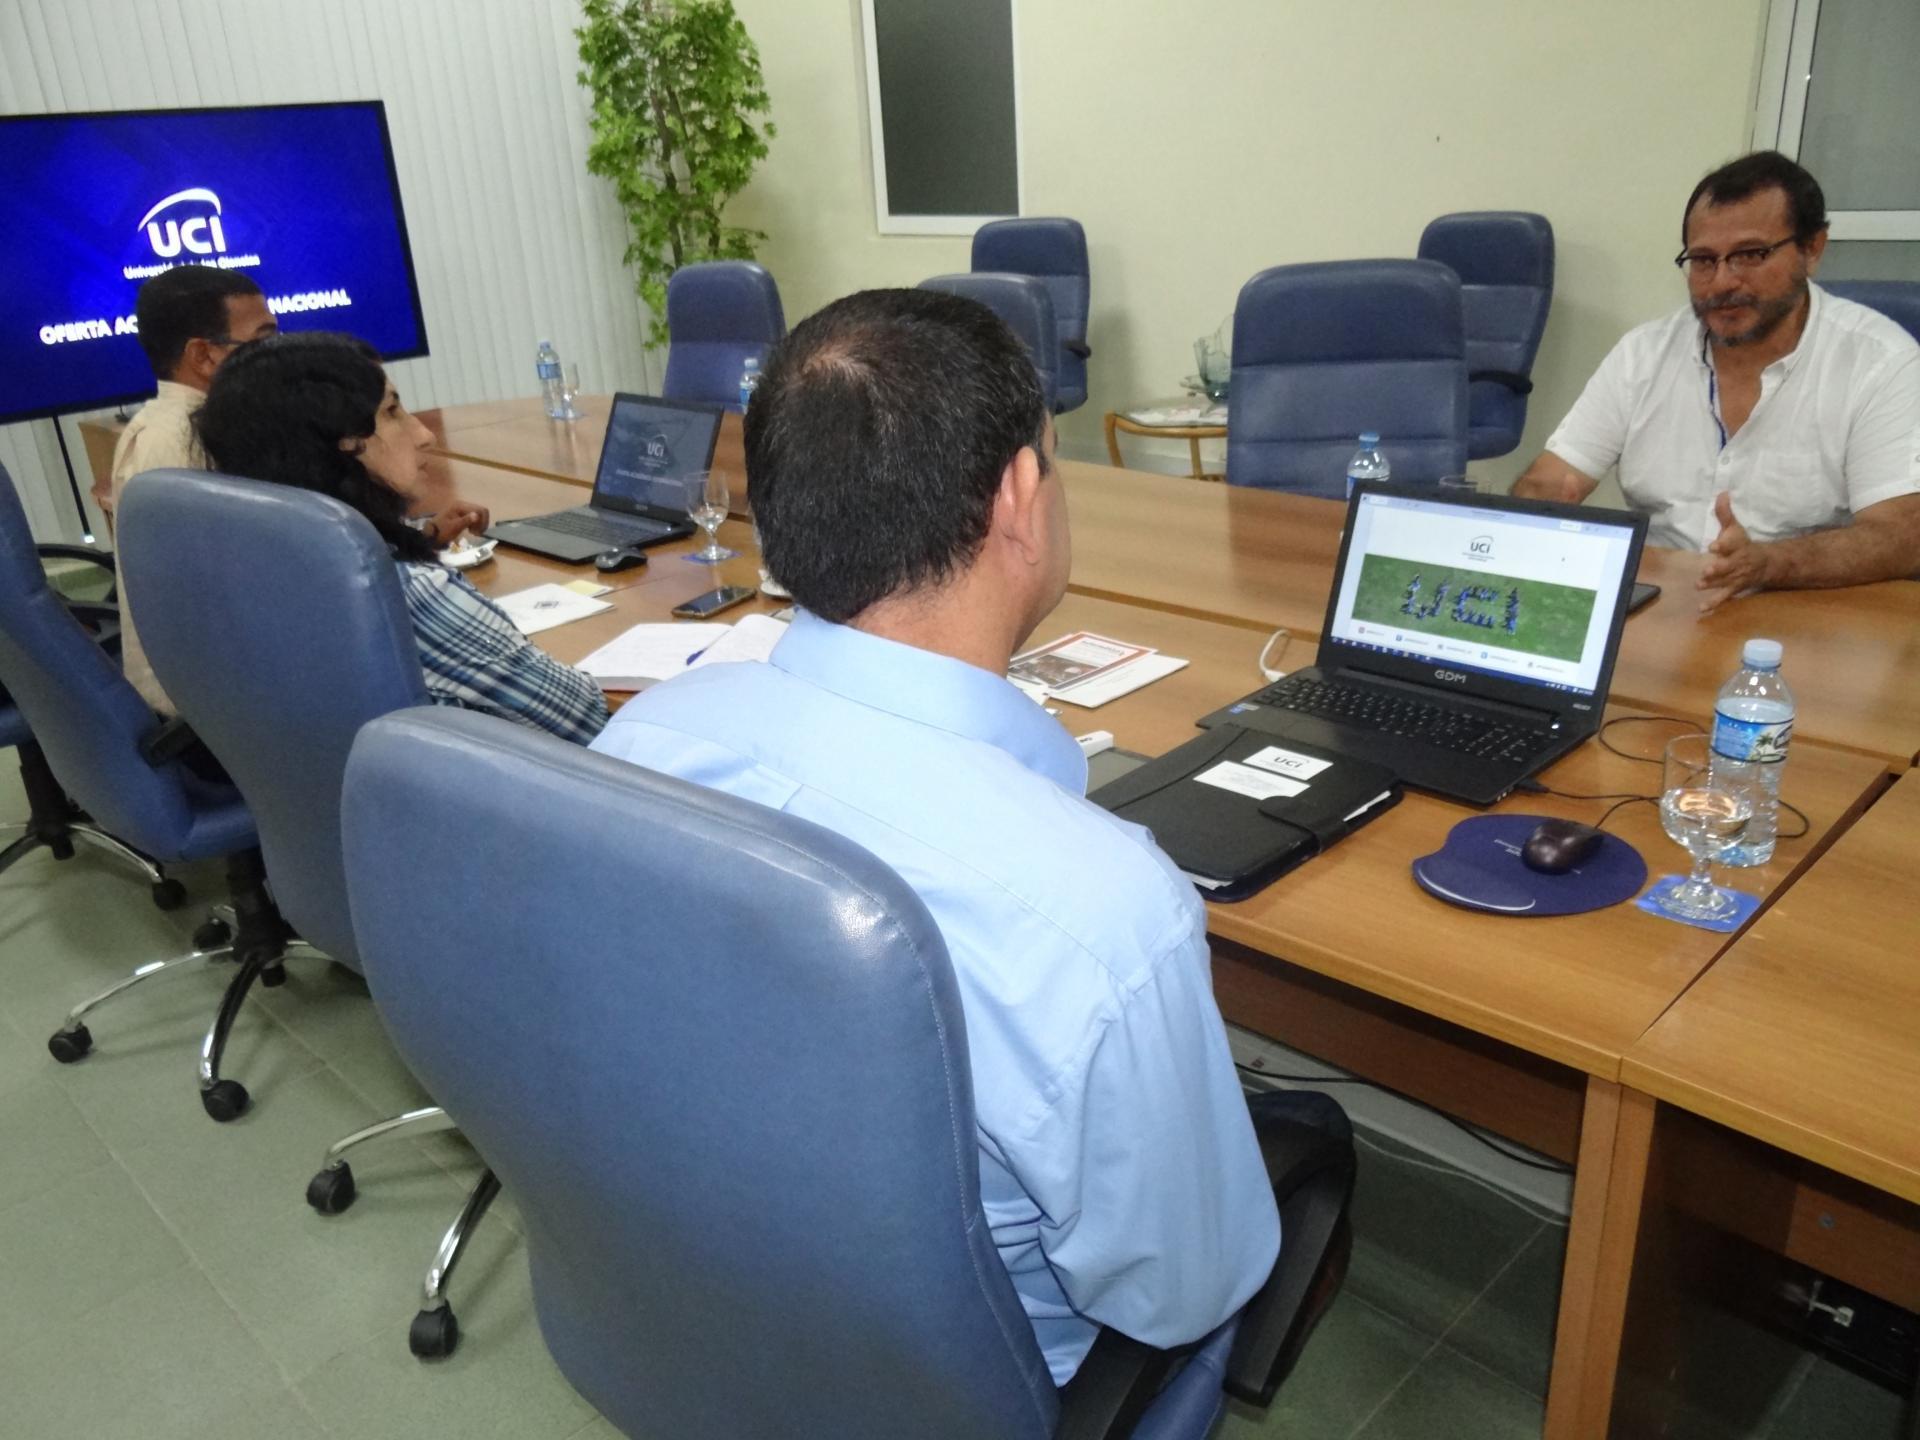 Interesado por conocer las ofertas académicas de la Universidad de las Ciencias Informáticas visitó nuestro centro Orlando Hernández González, presidente de la Fundación Norte-Sur de Colombia.